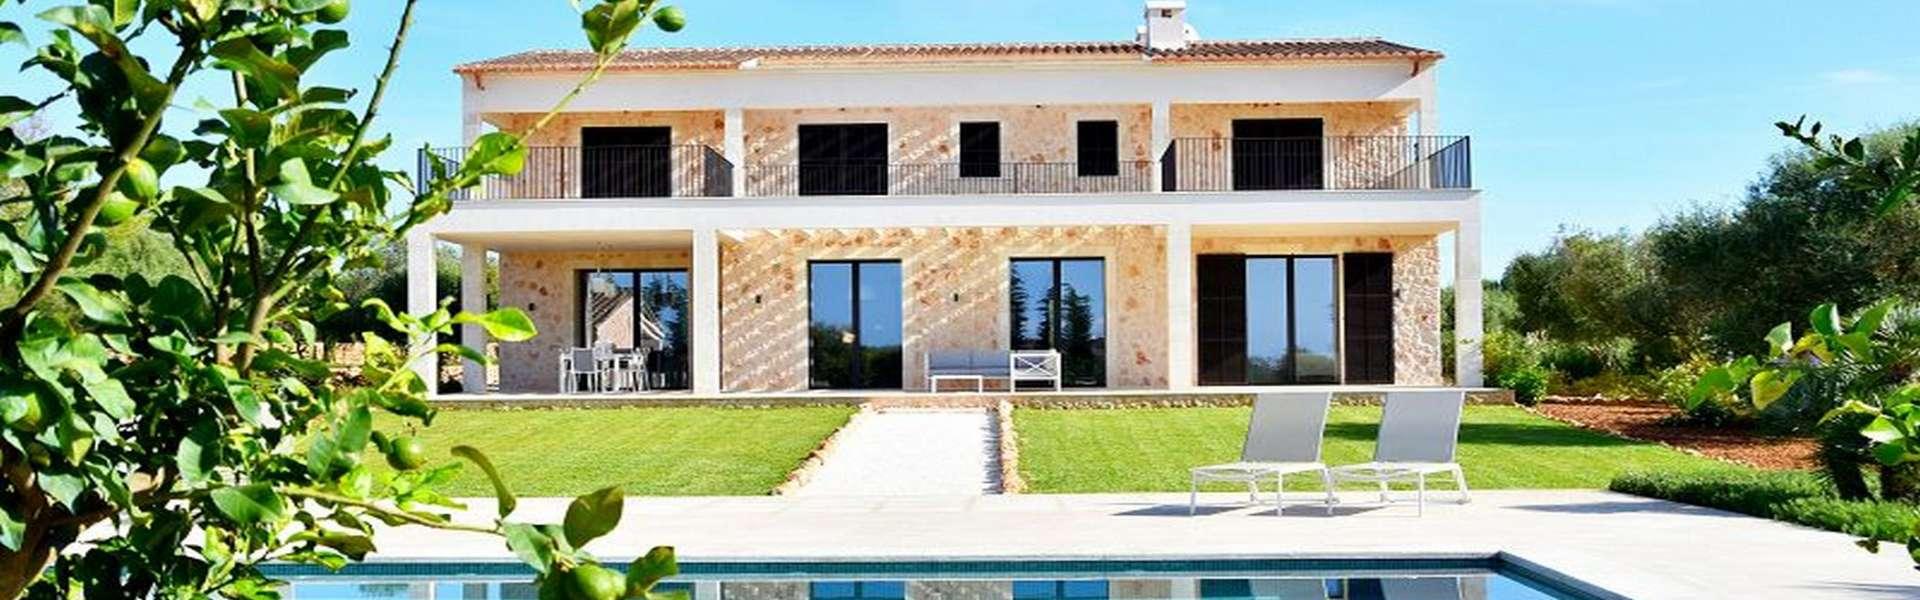 Ses Salines - Moderne Finca mit Blick auf die Insel Cabrera